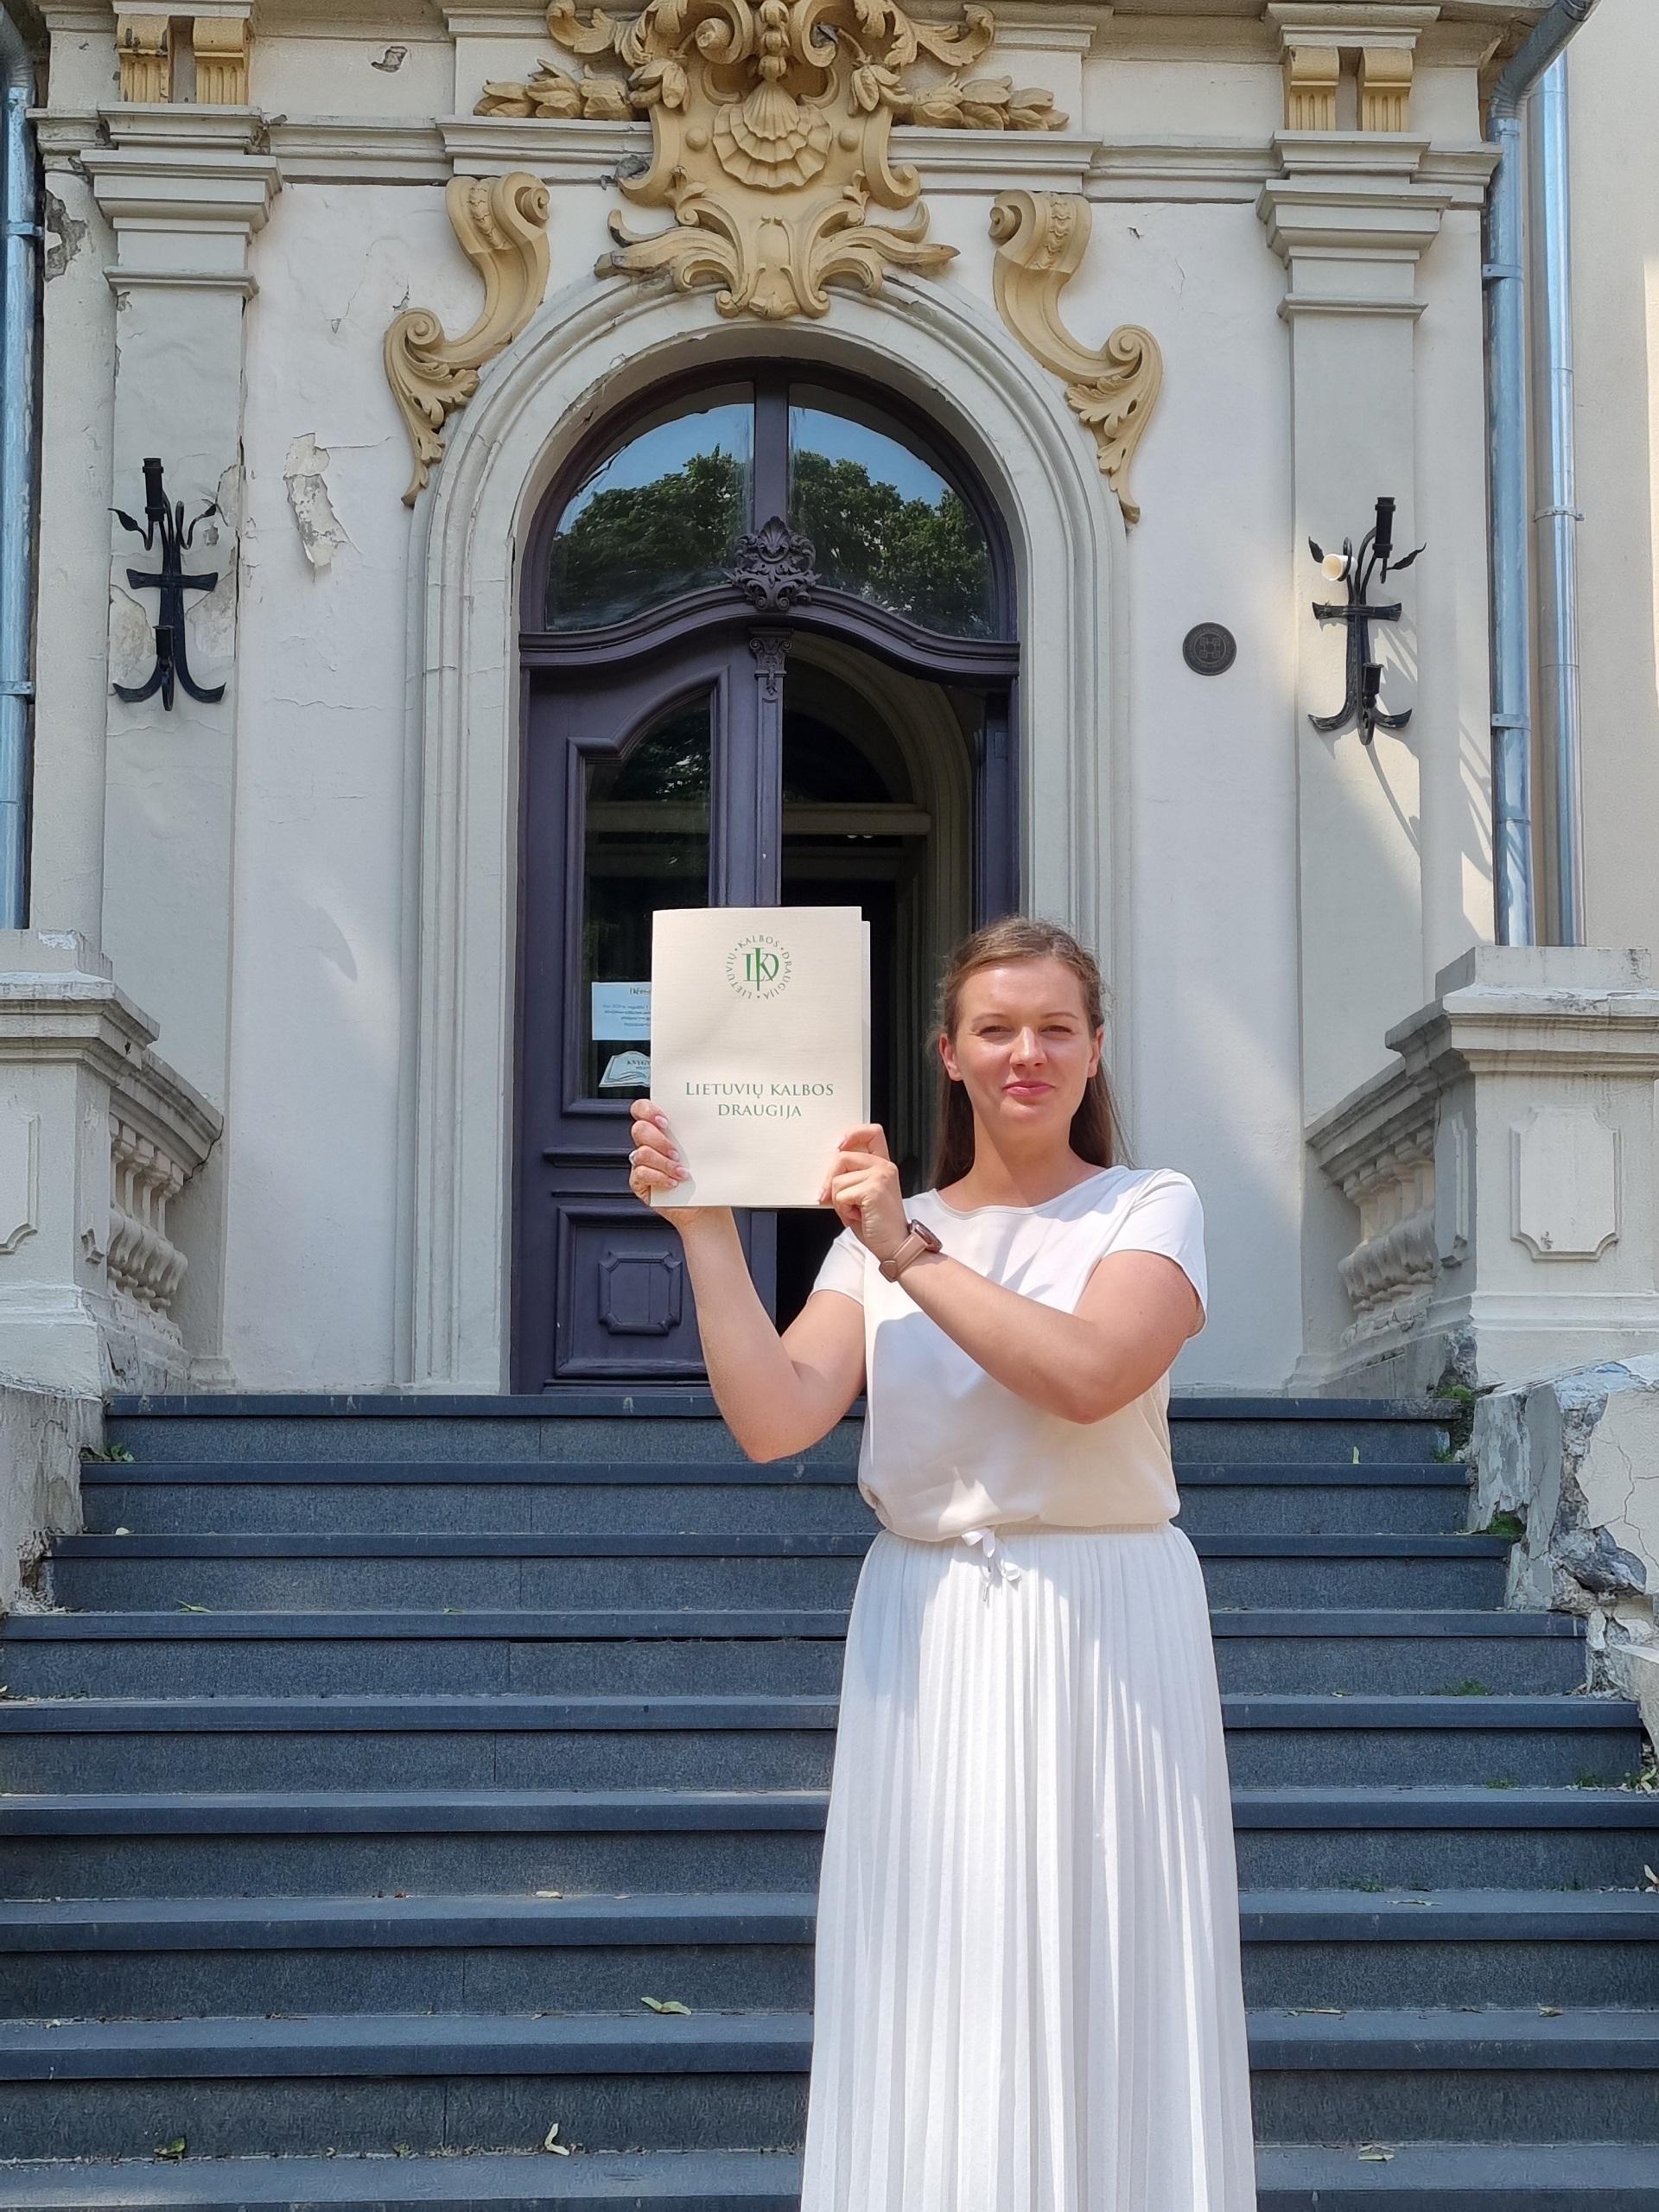 Apdovanojimą atsiėmusi redaktorė E. Kislych-Šochienė (Autorės, konkurso laureatės archyvo nuotr.)